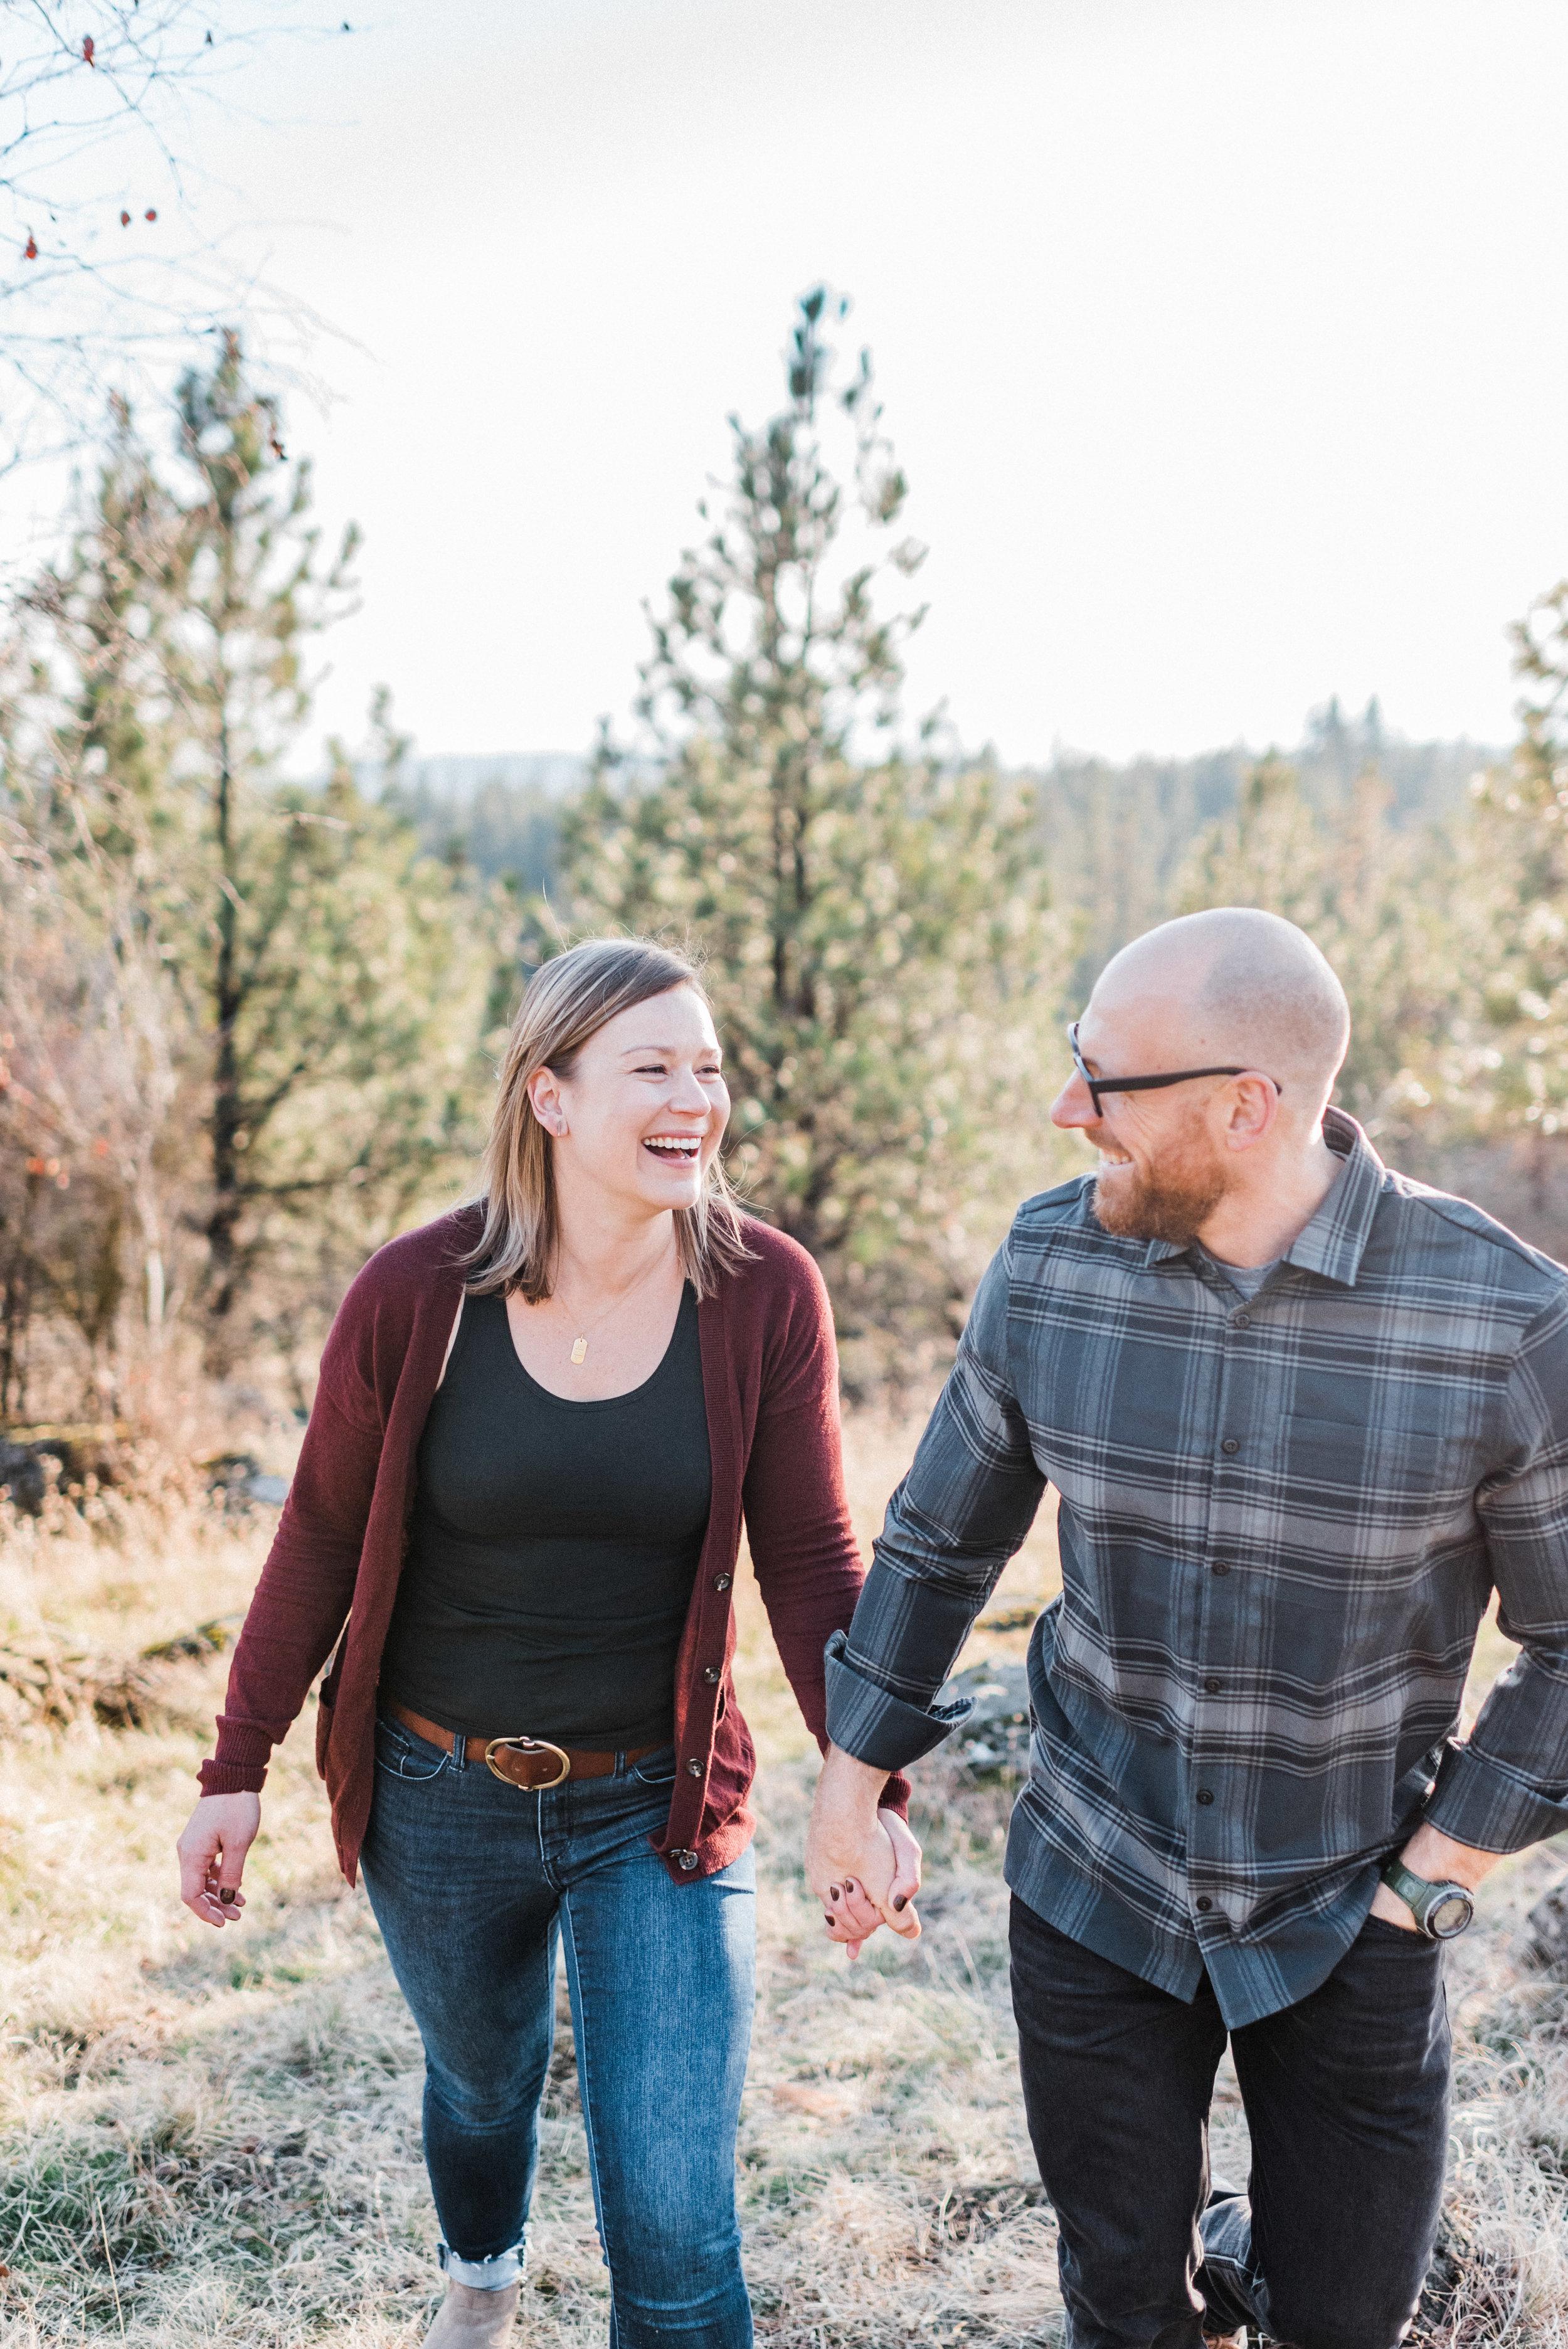 spokane_family_photographer_longmeier (19 of 19).jpg